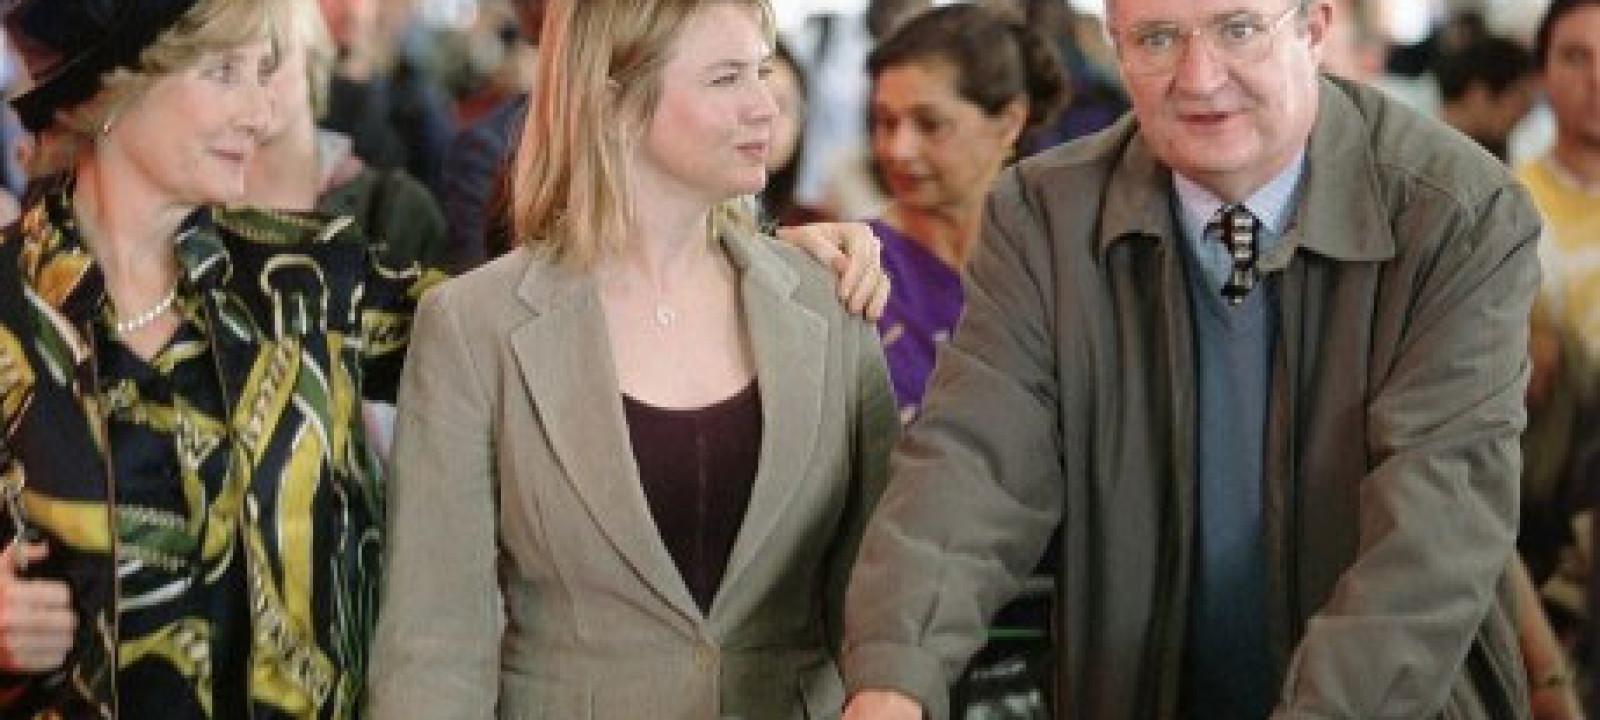 bridgetjonesJim Broadbent (R) and Renee Zellweger in 'Bridget Jones: the Edge of Reason'